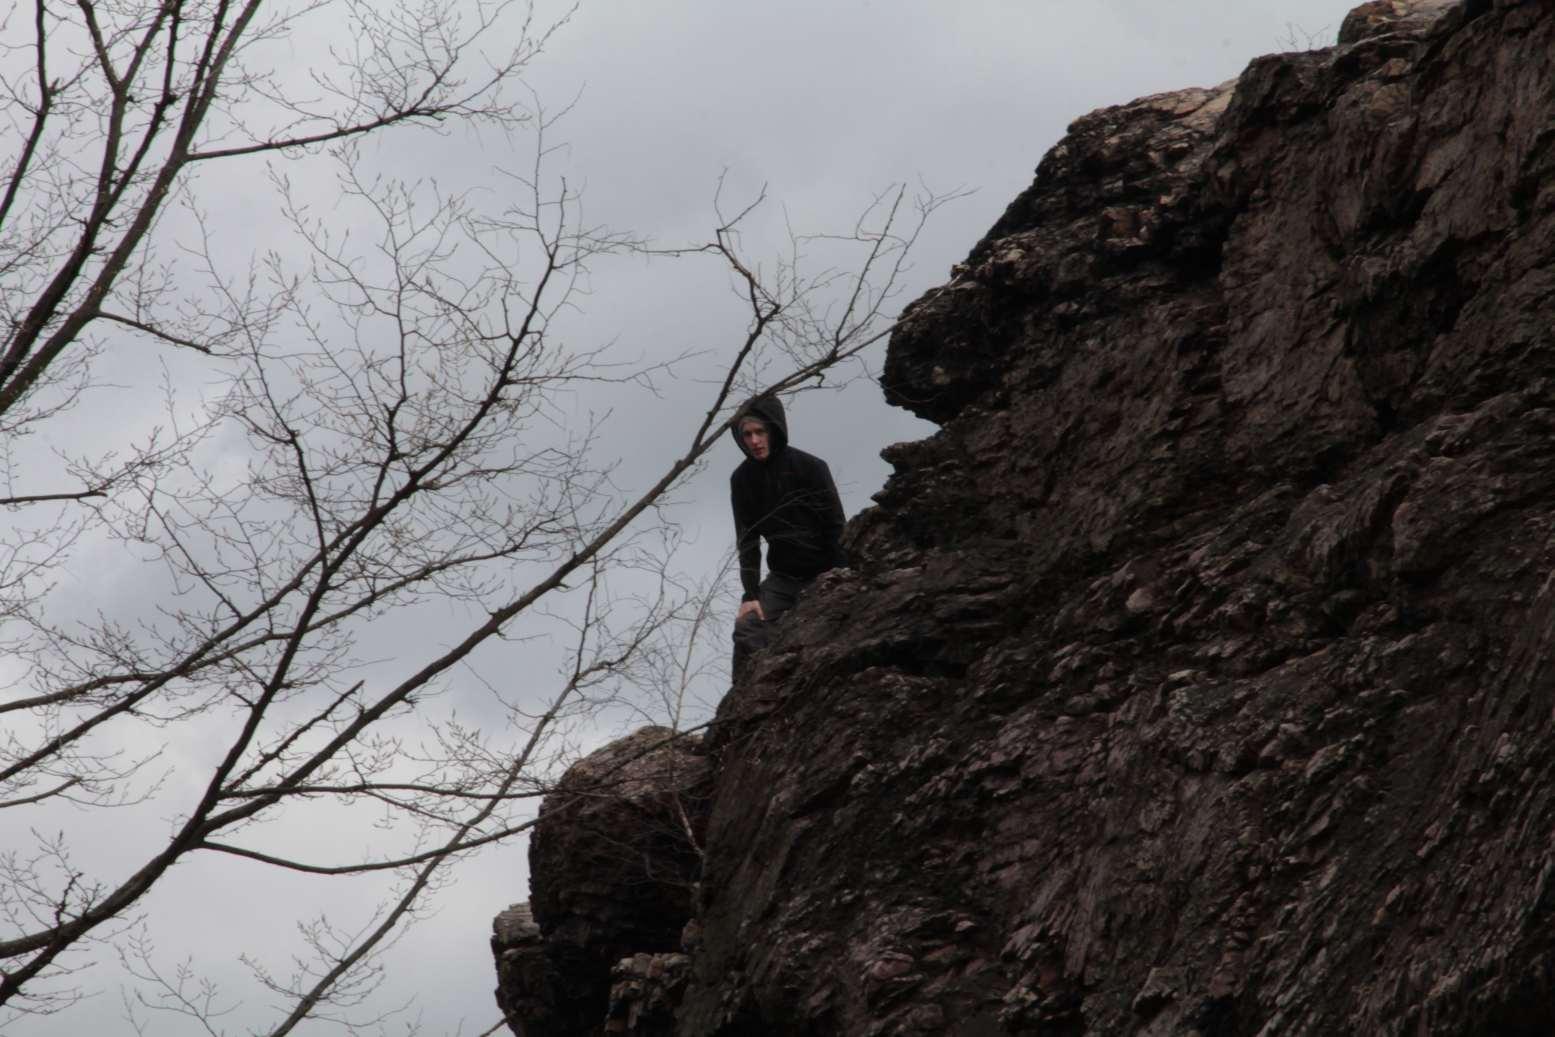 Zatímco mi staří a zkušení lezeme po skalách, mladší odpočívají